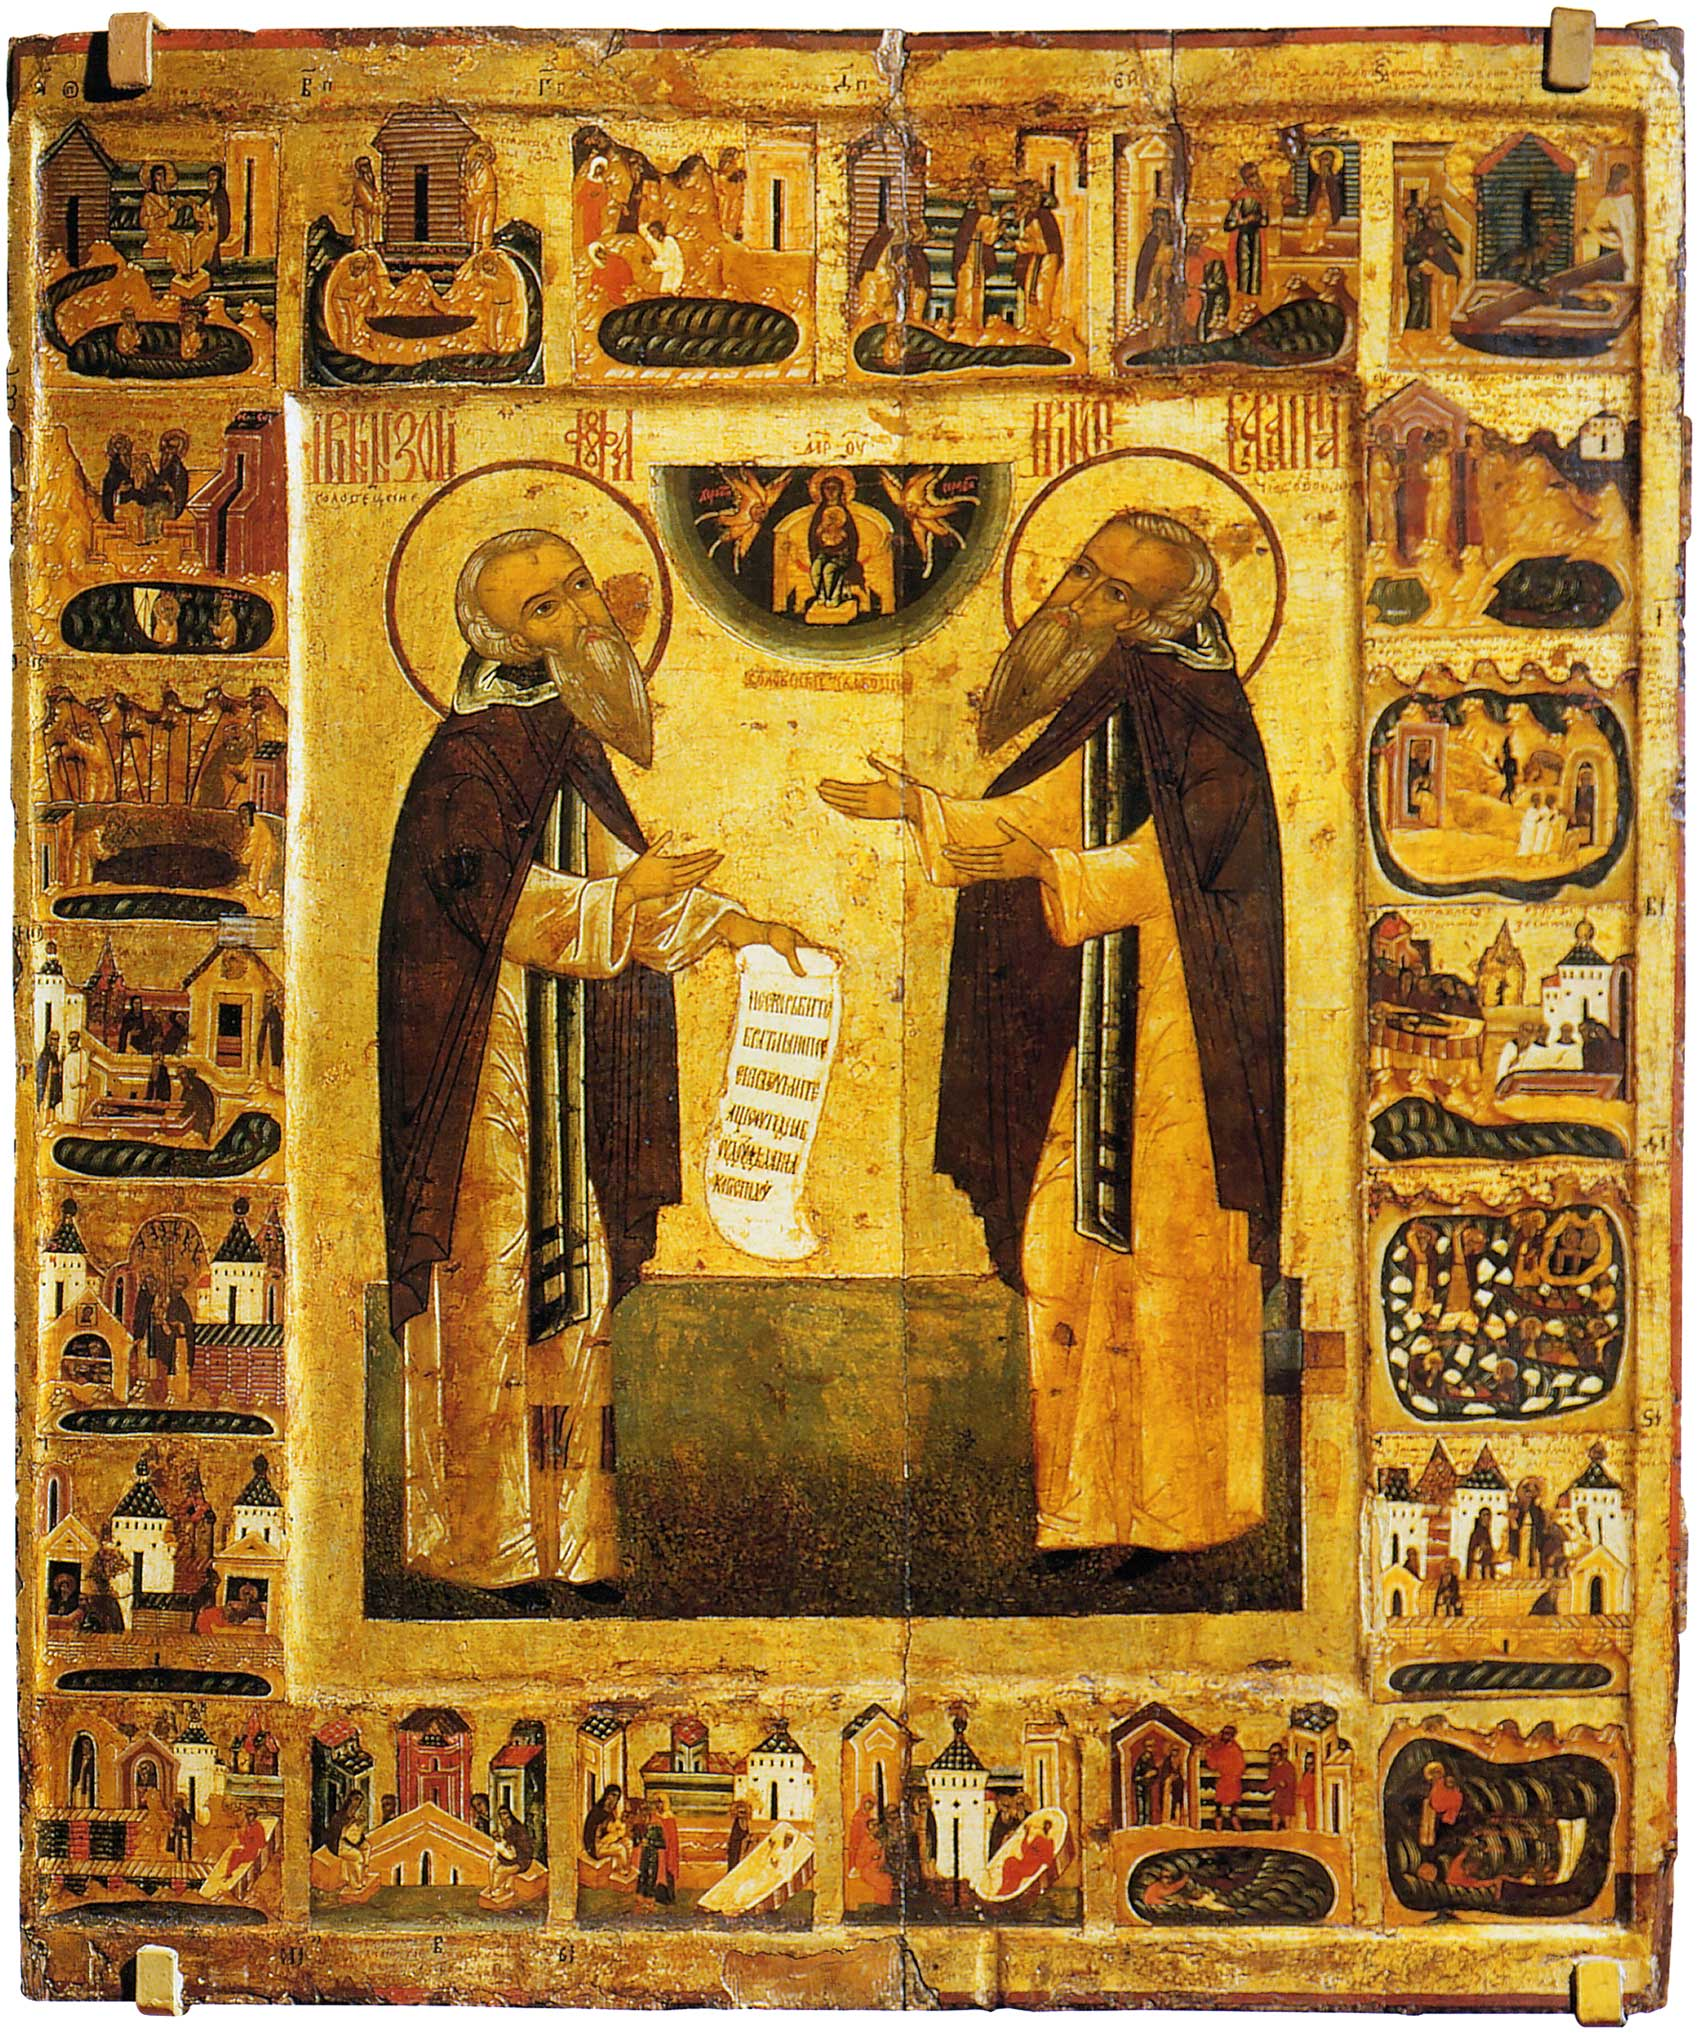 Преподобные Зосима и Савватий Соловецкие, с житием в 22 клеймах